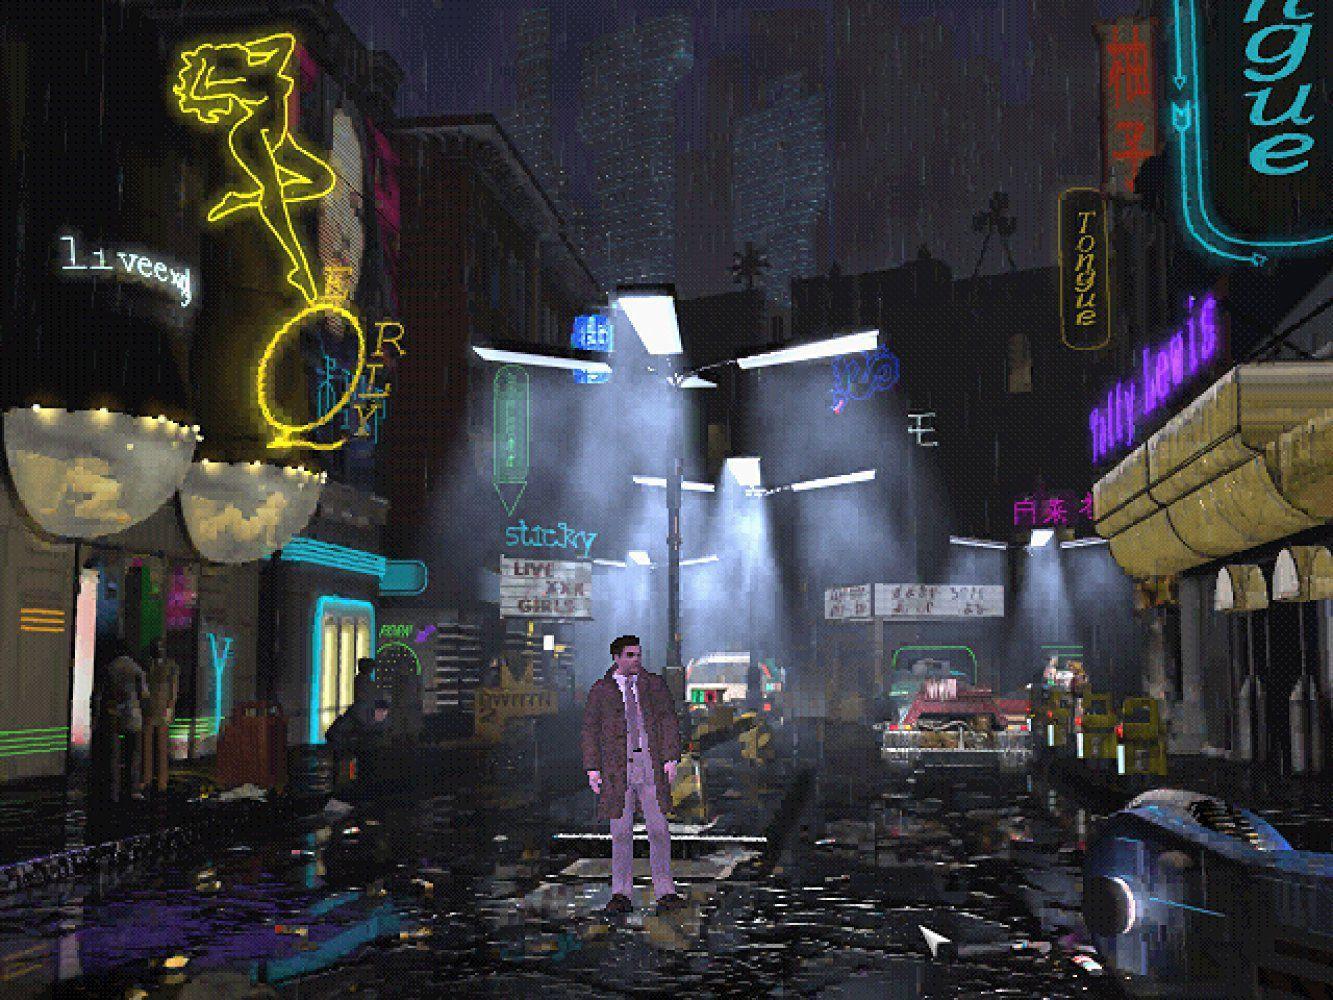 Il videogioco originale di Westwood Studios